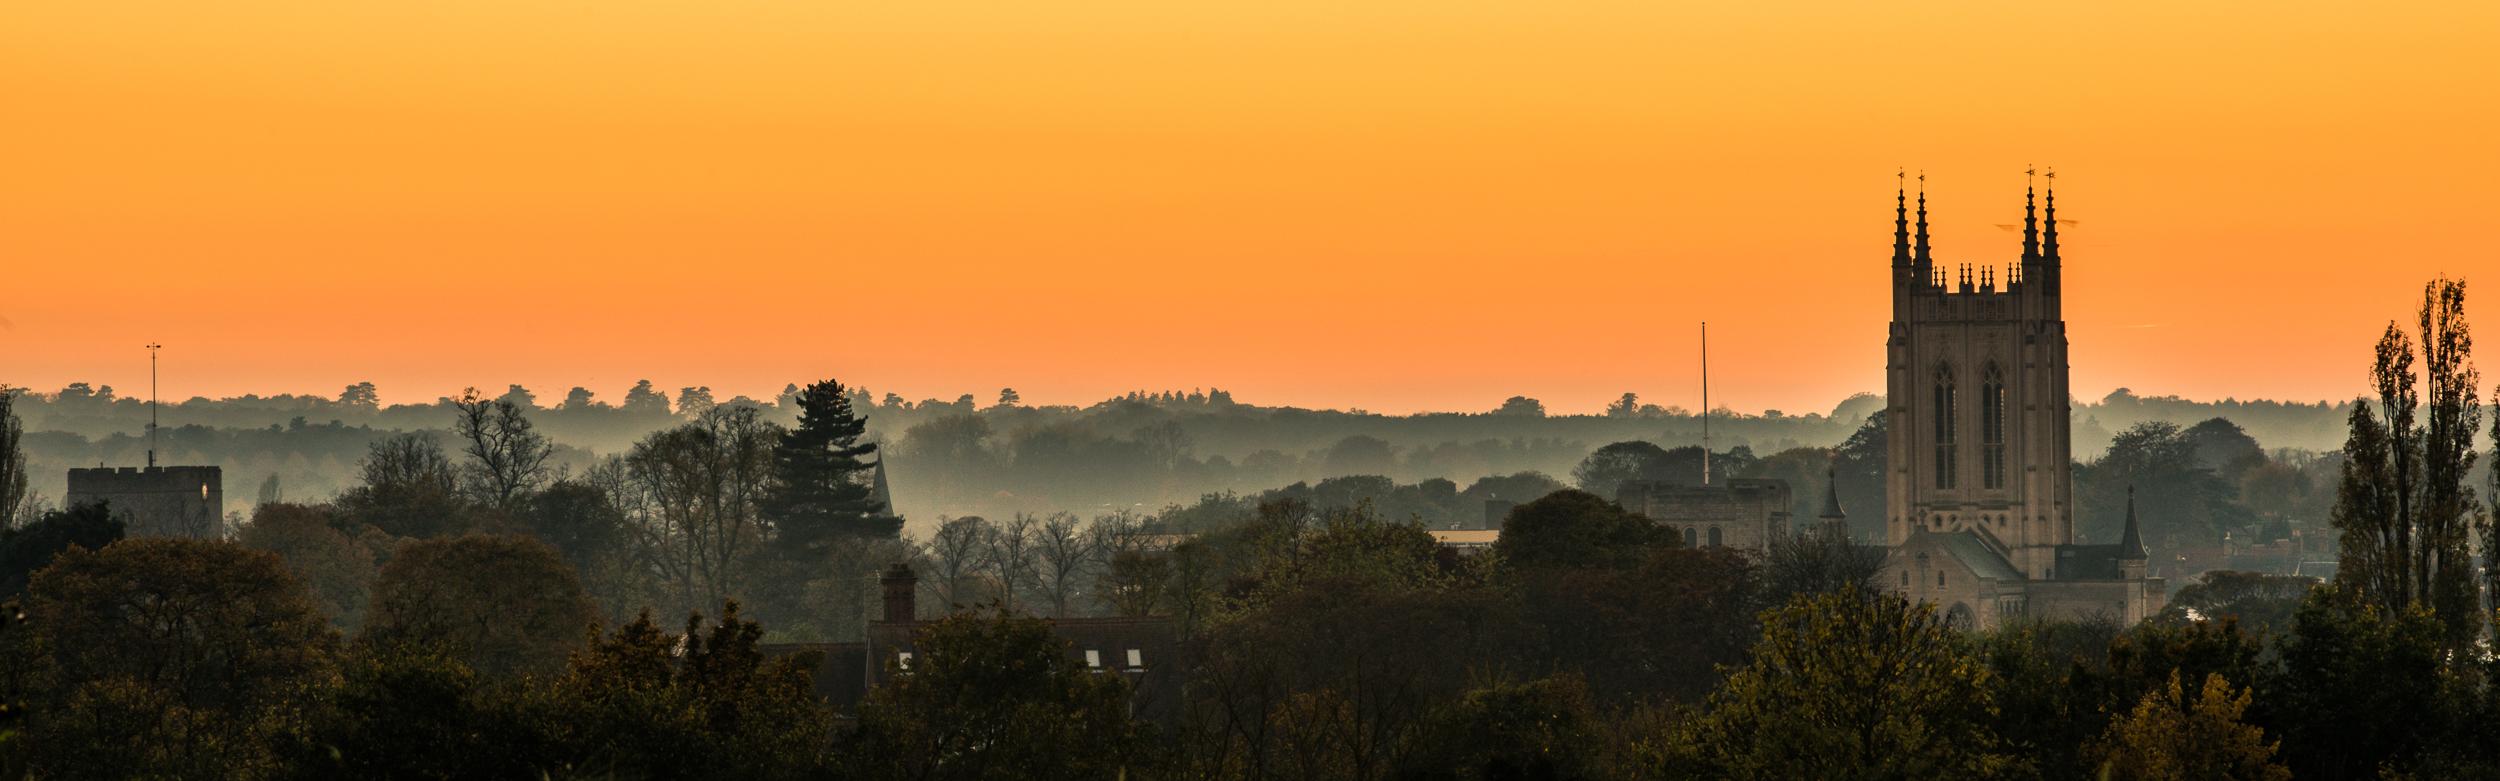 Bury Skyline Two